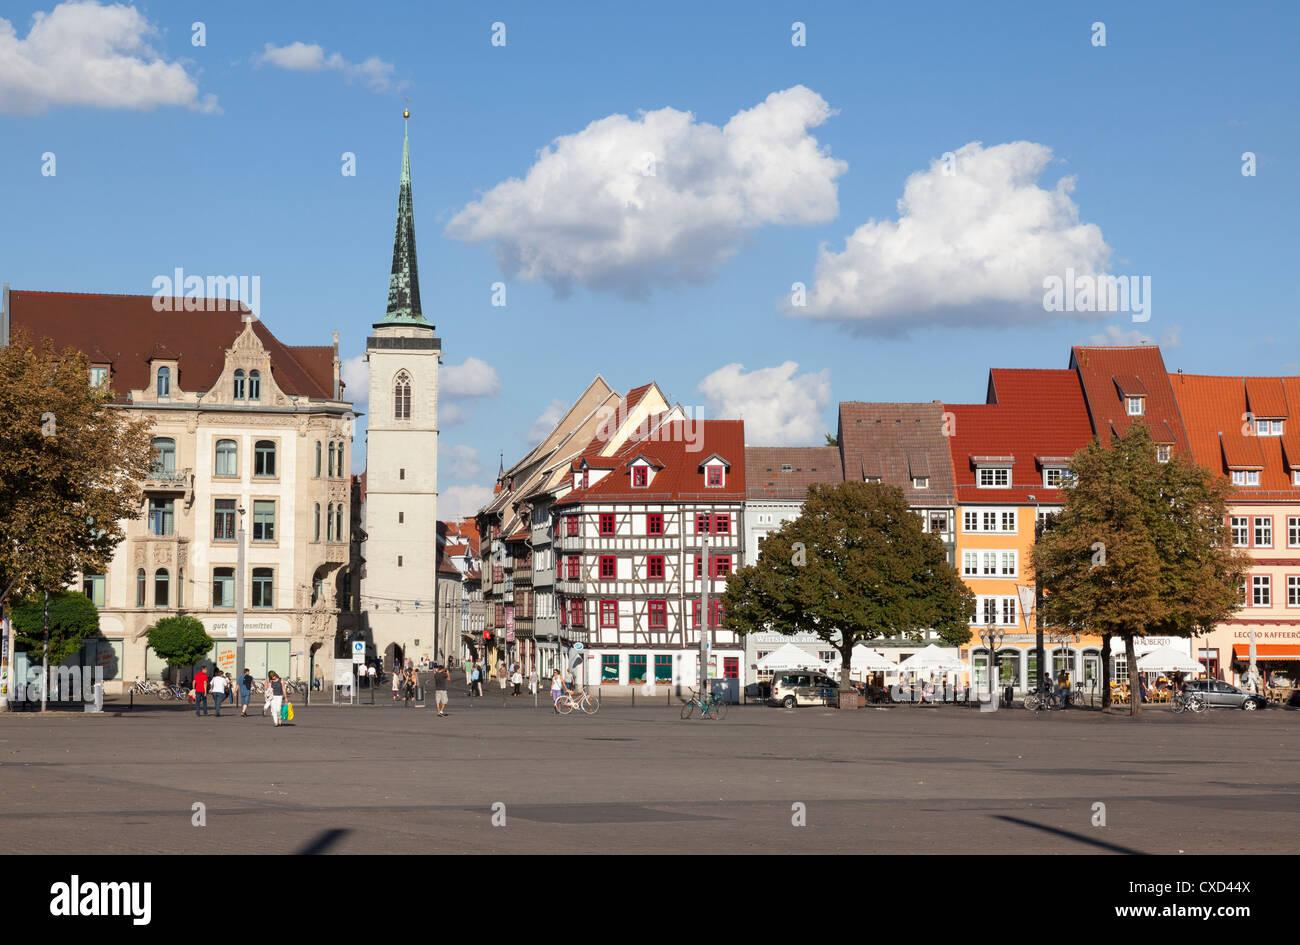 Domplatz mit Allerheiligenkirche, Erfurt, Thüringen, Deutschland Stockbild